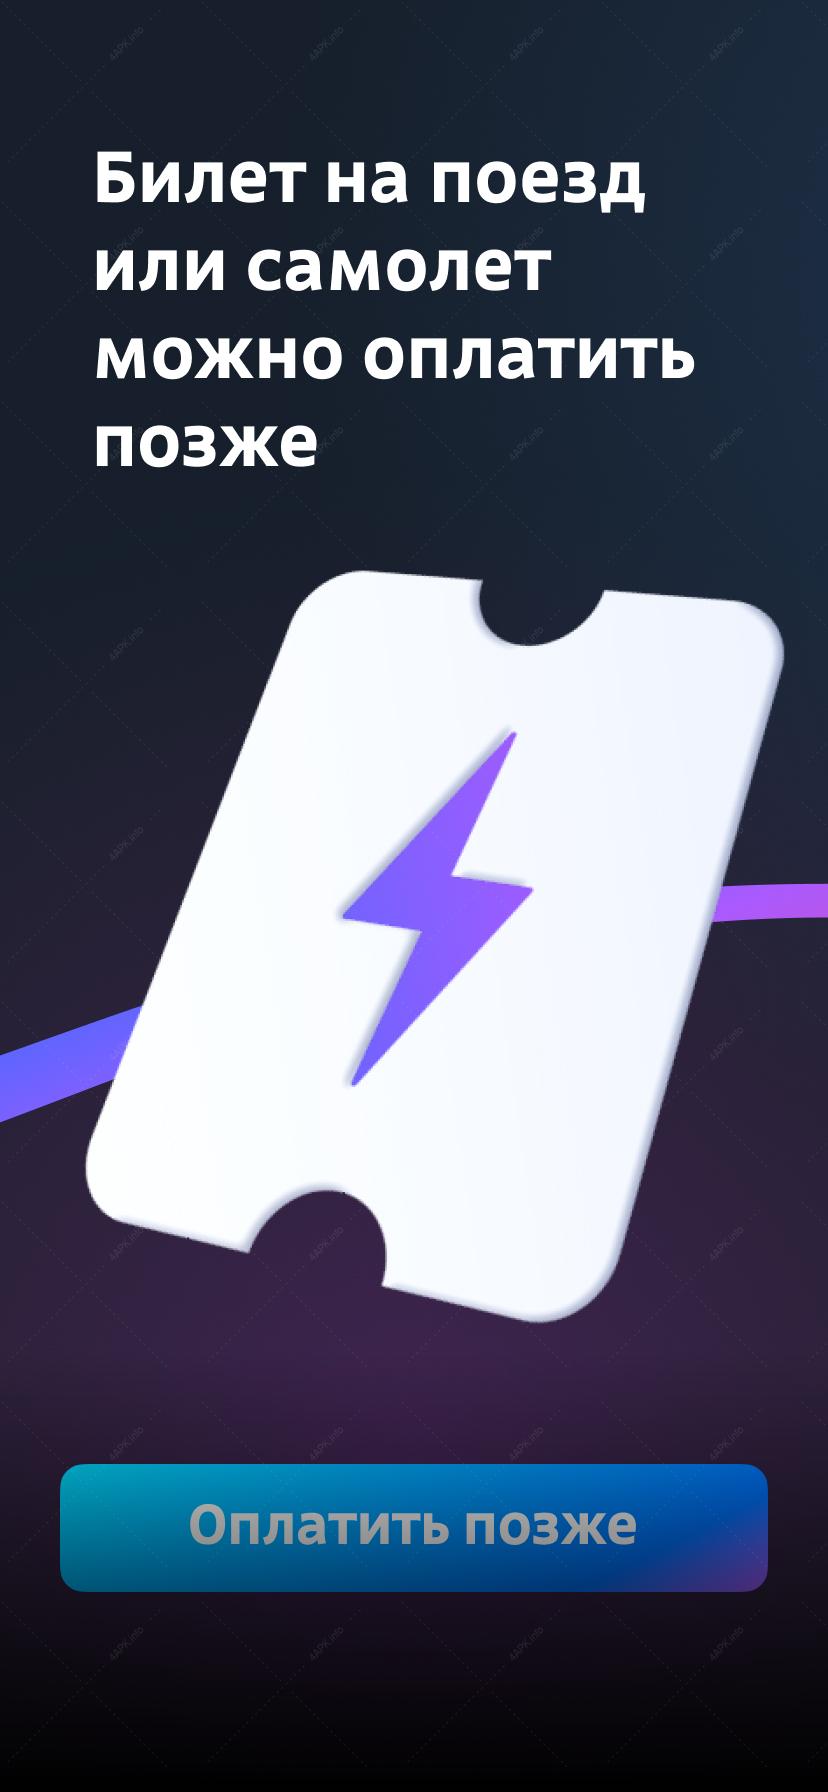 туту авиабилеты москва севастополь